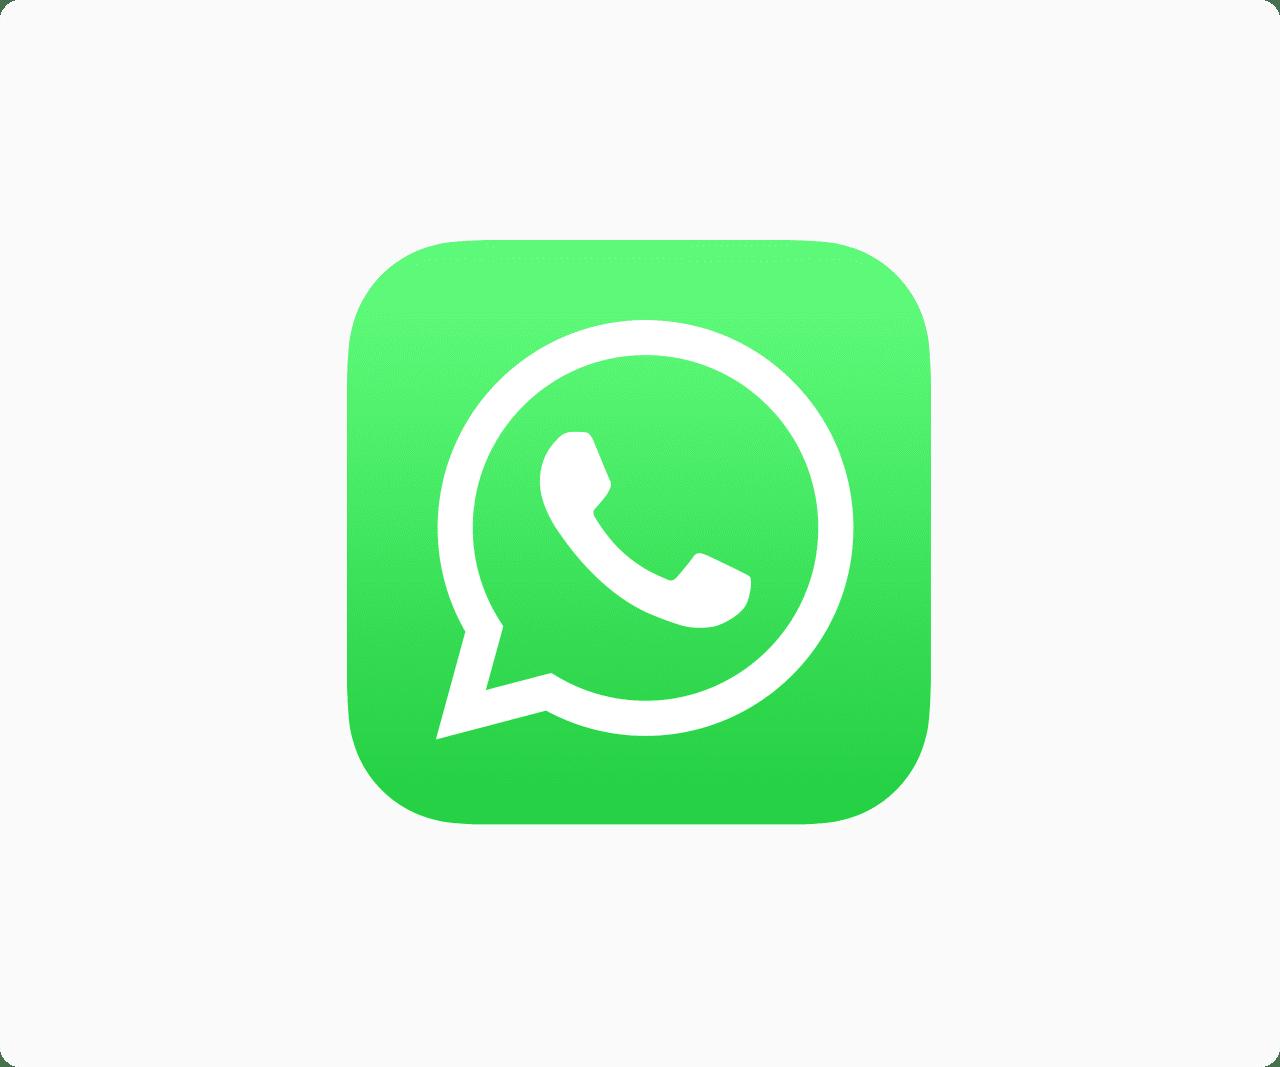 رقم خدمة العملاء واتس آب وطرق التواصل مع الشركة وخطوات إرسال البريد زيادة